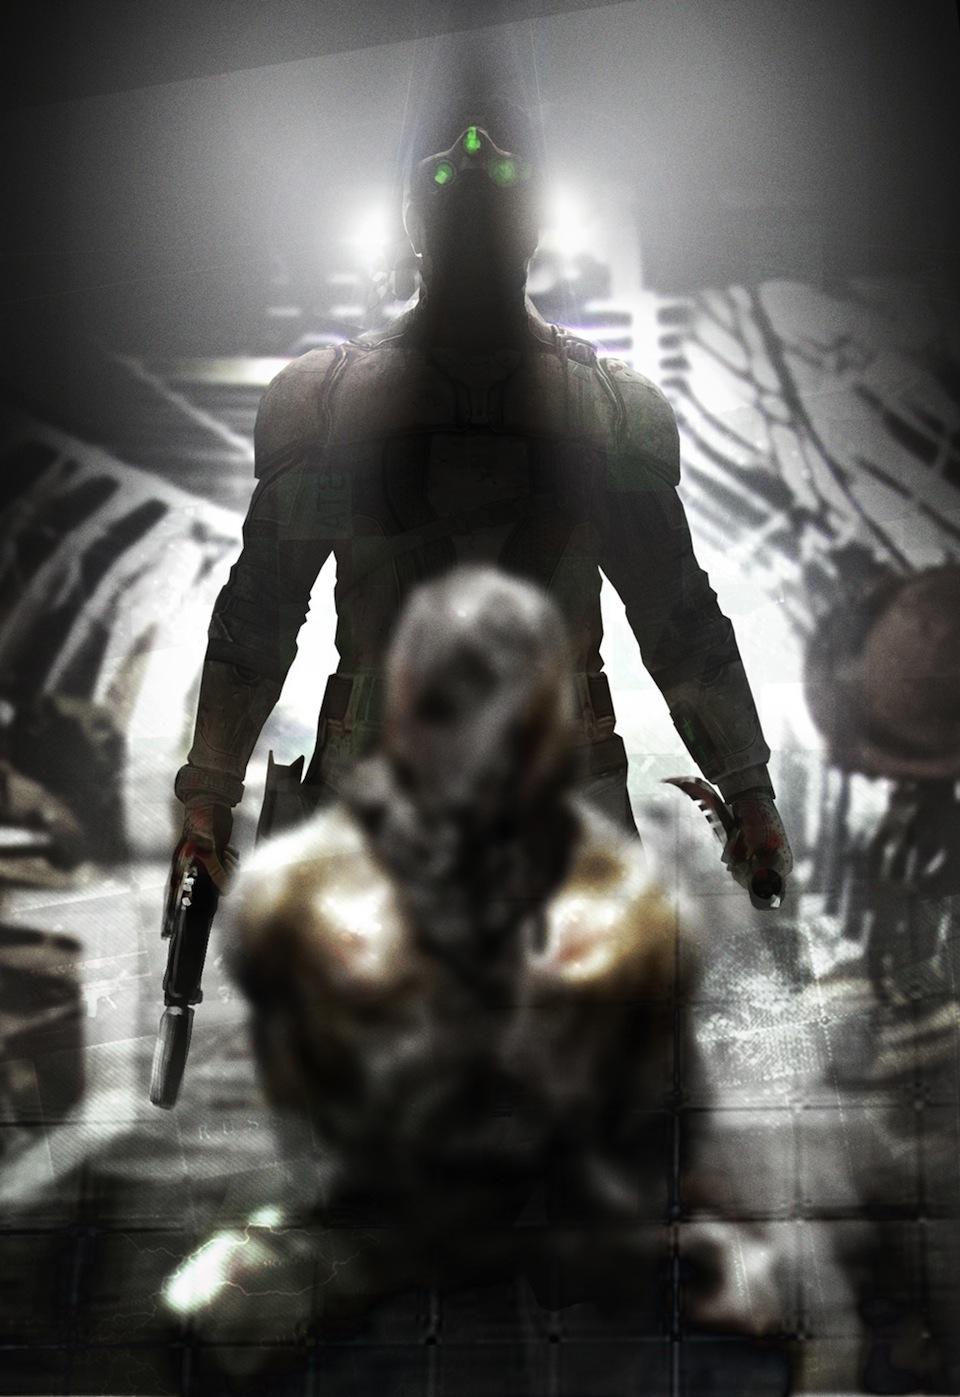 splinter cell Cover Art game Blacklist